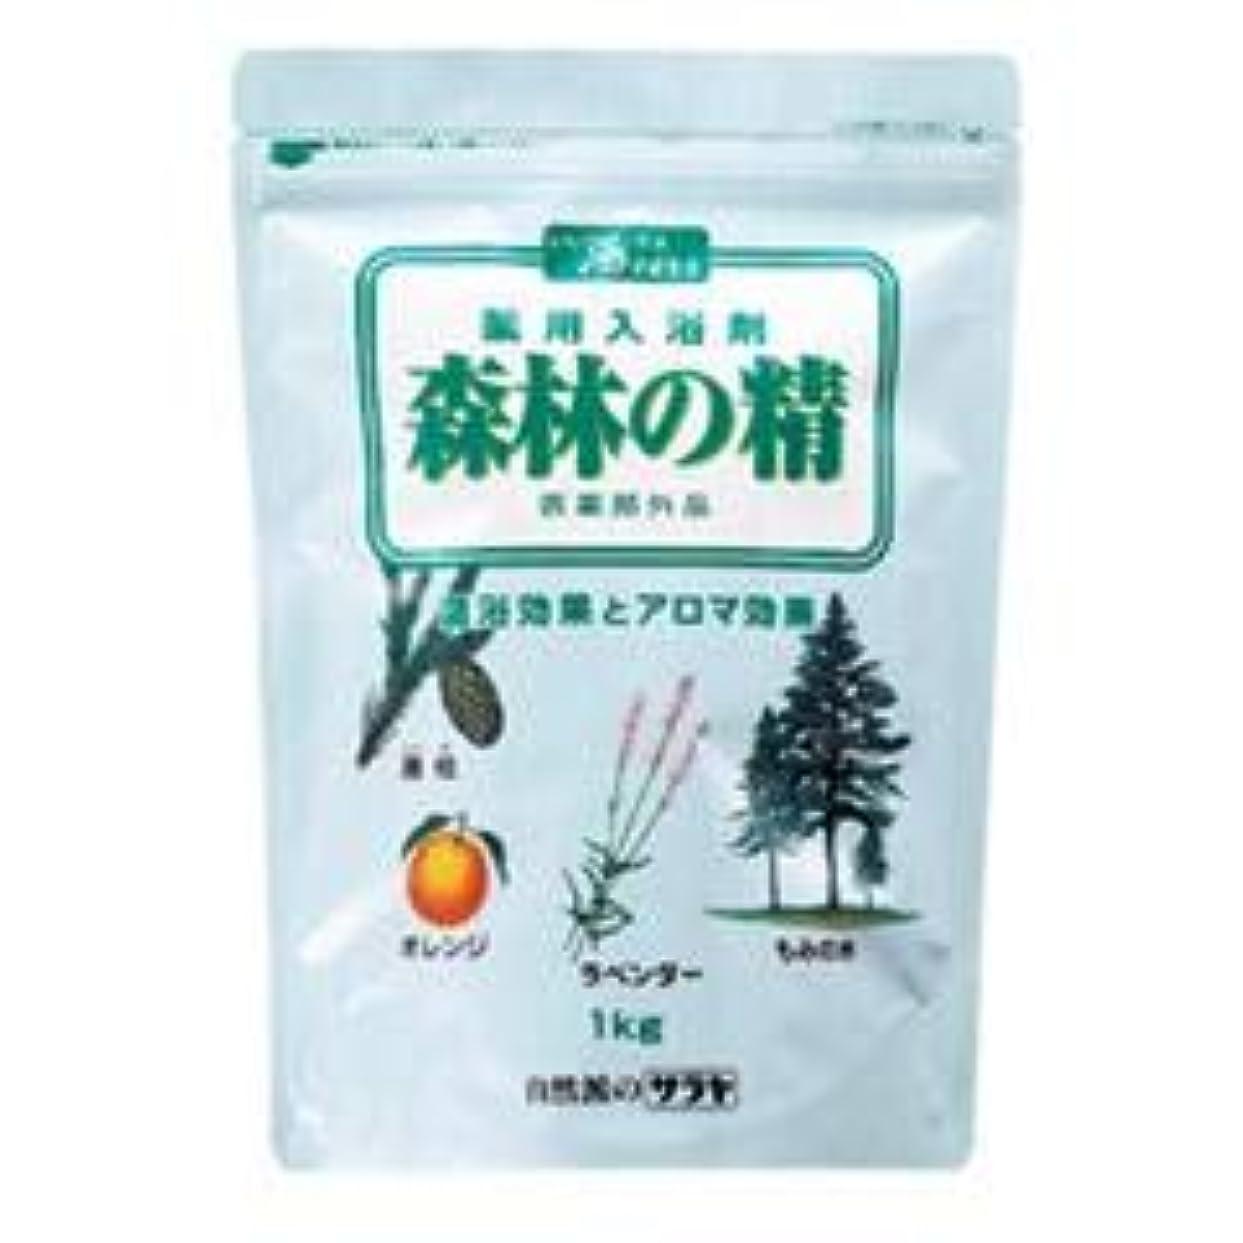 チャペル一部摂氏サラヤ 薬用入浴剤 森林の精 チャック付 1kg